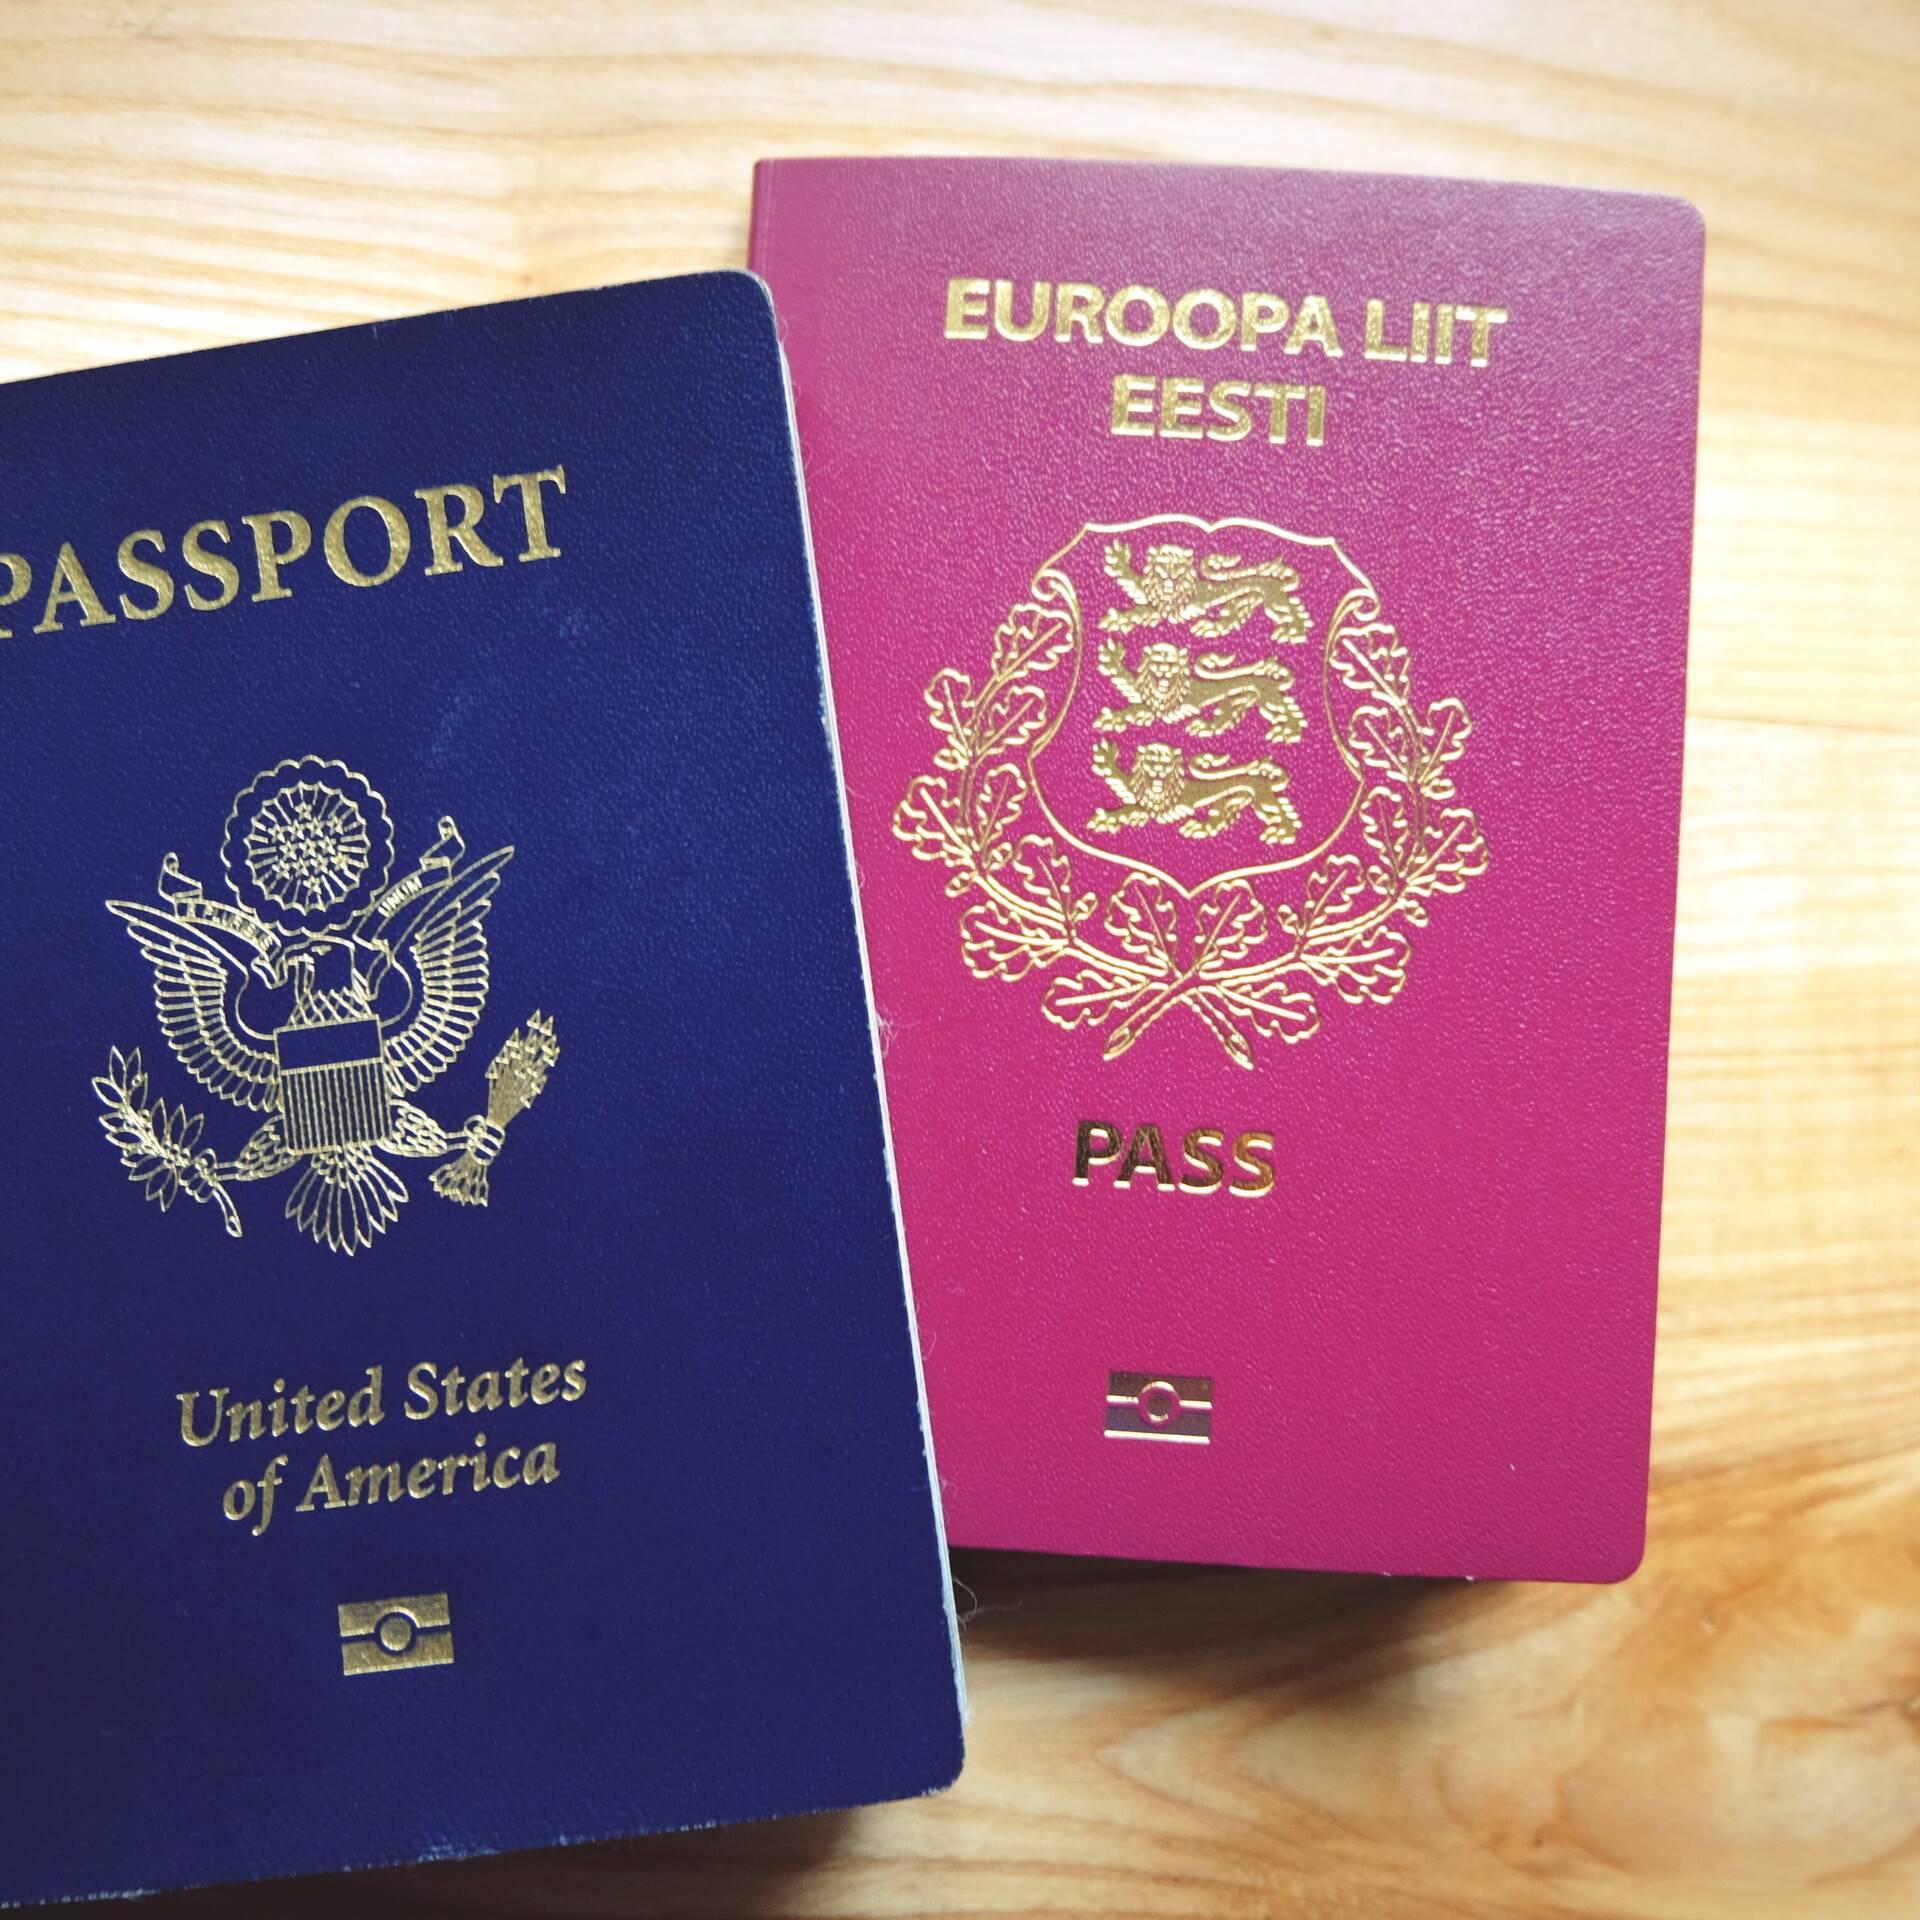 Как получить гражданство великобритании россиянину через брак, путем натурализации и через инвестиции